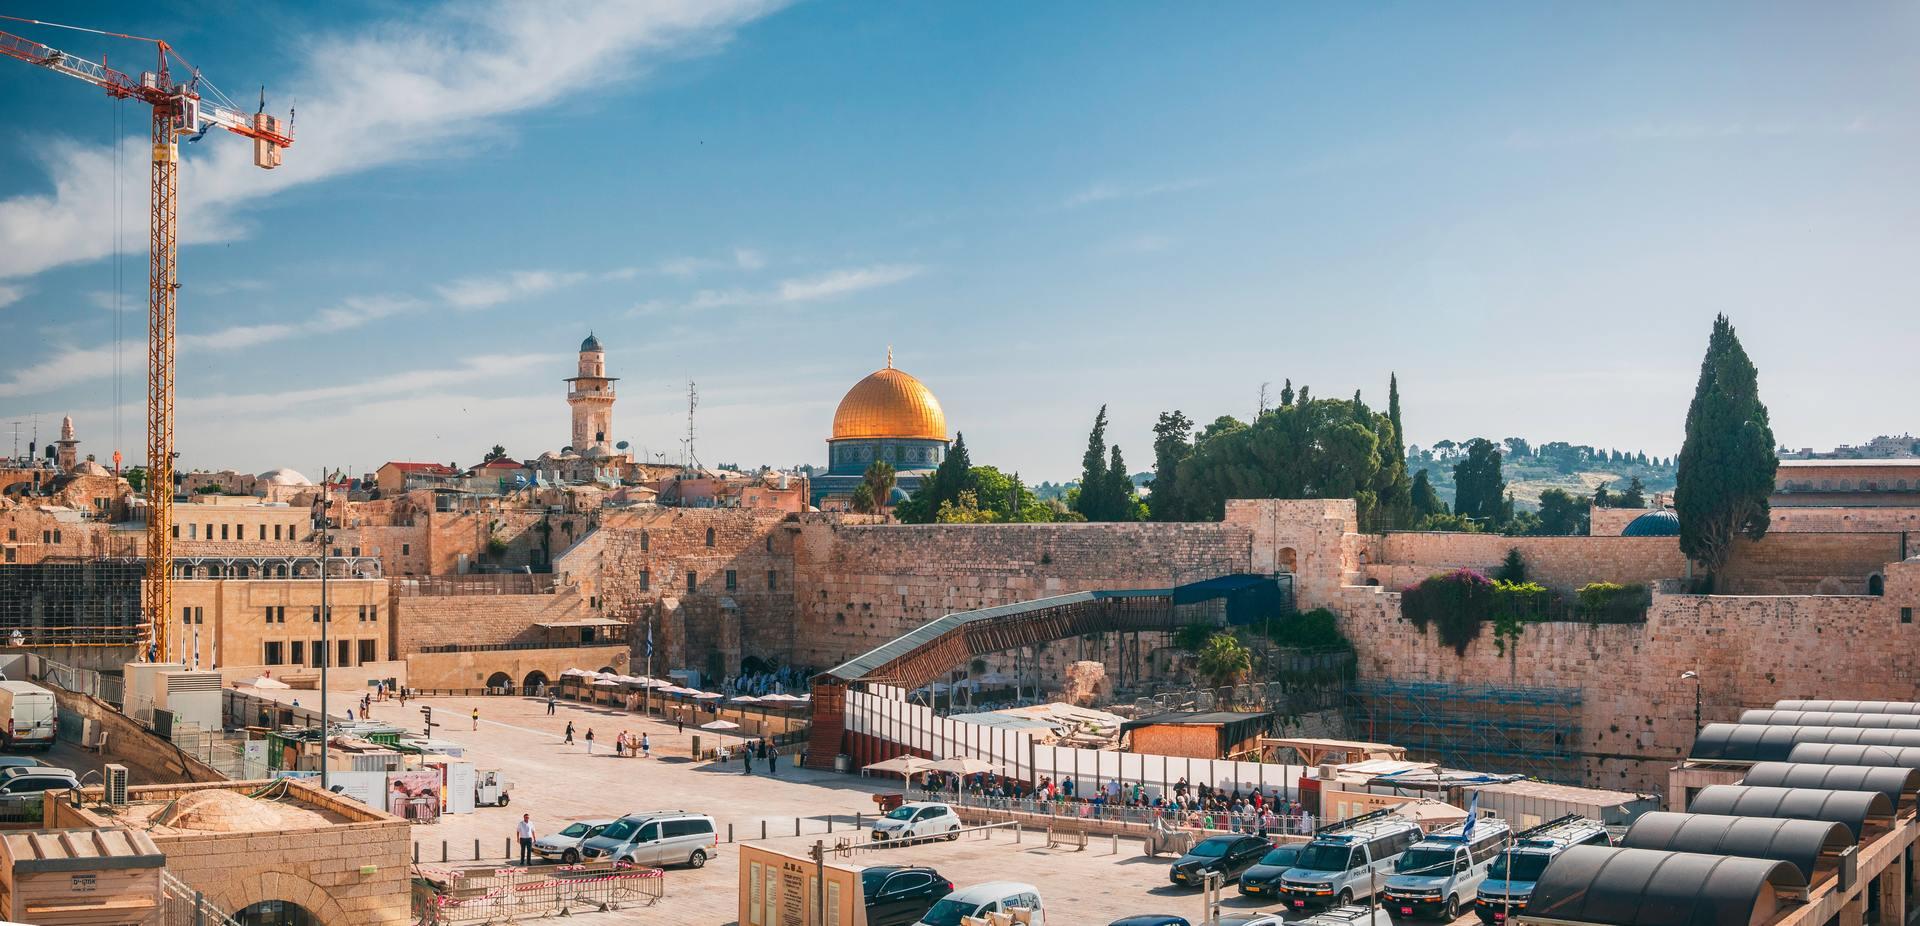 Jeruzalem uitzicht Rotskoepel